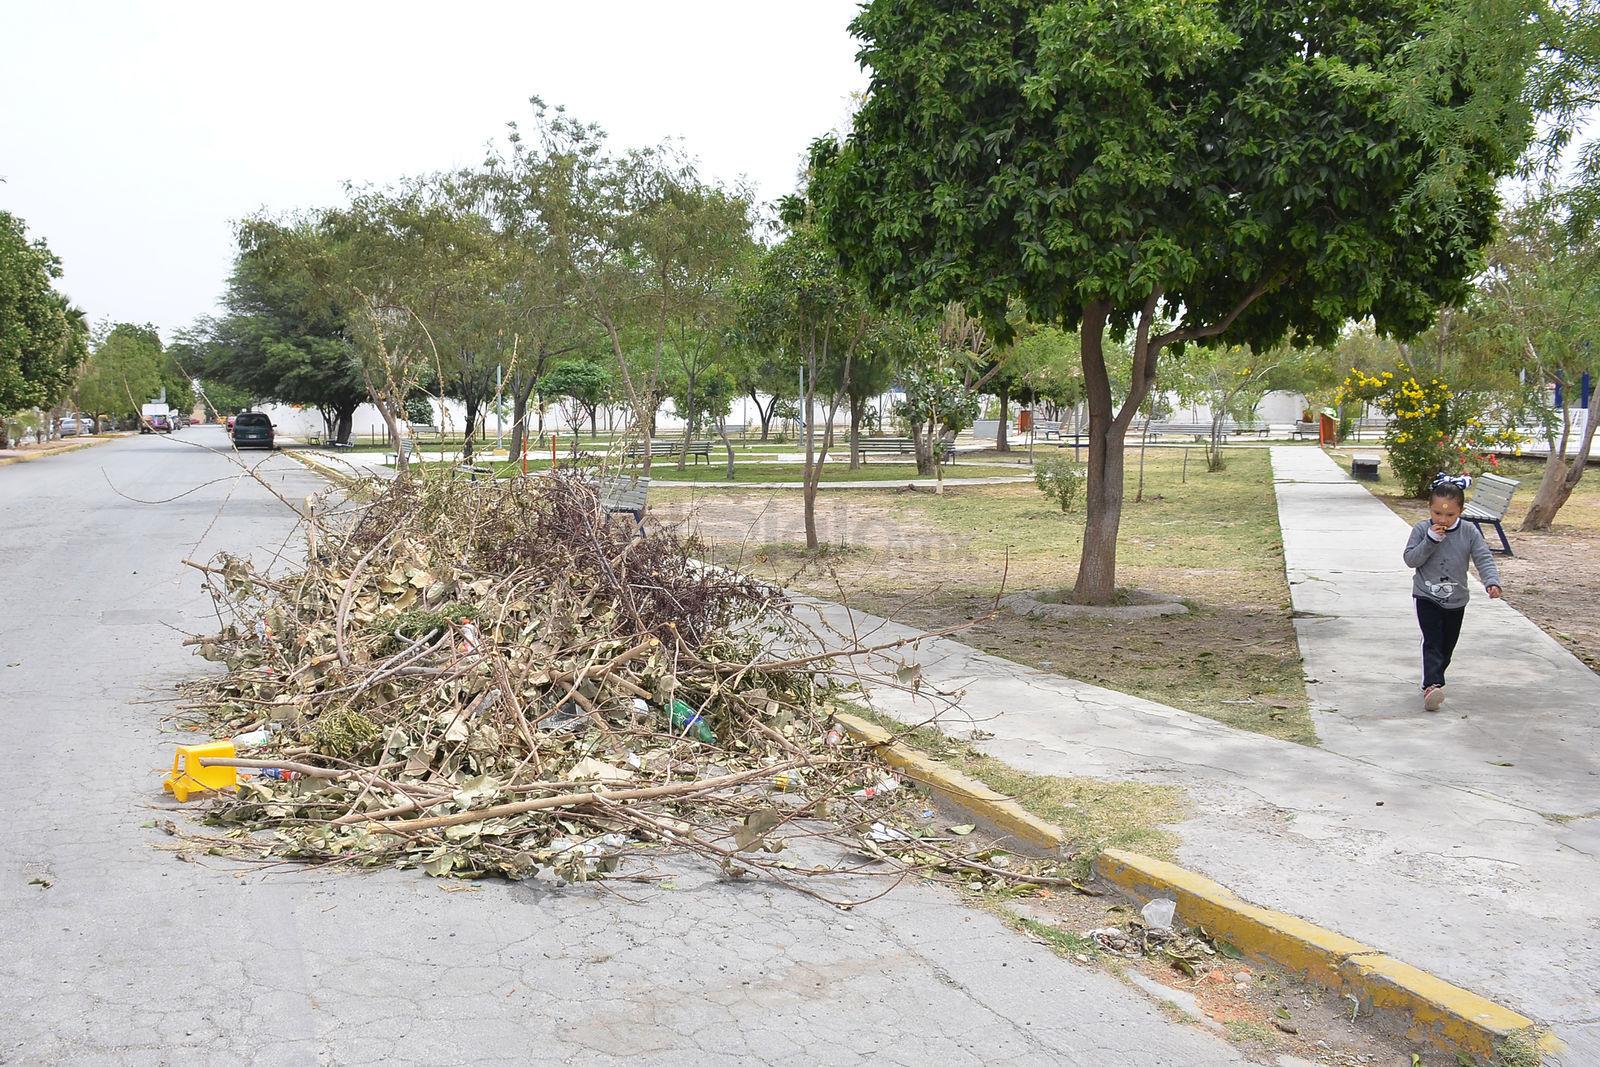 En los alrededores de la plaza de la colonia Villa Florida, es común encontrar ramas apiladas que son retiradas de los propios árboles, pero que se quedan abandonadas a mitad de la carretera. El viento las lleva hasta las casas de la colonia.